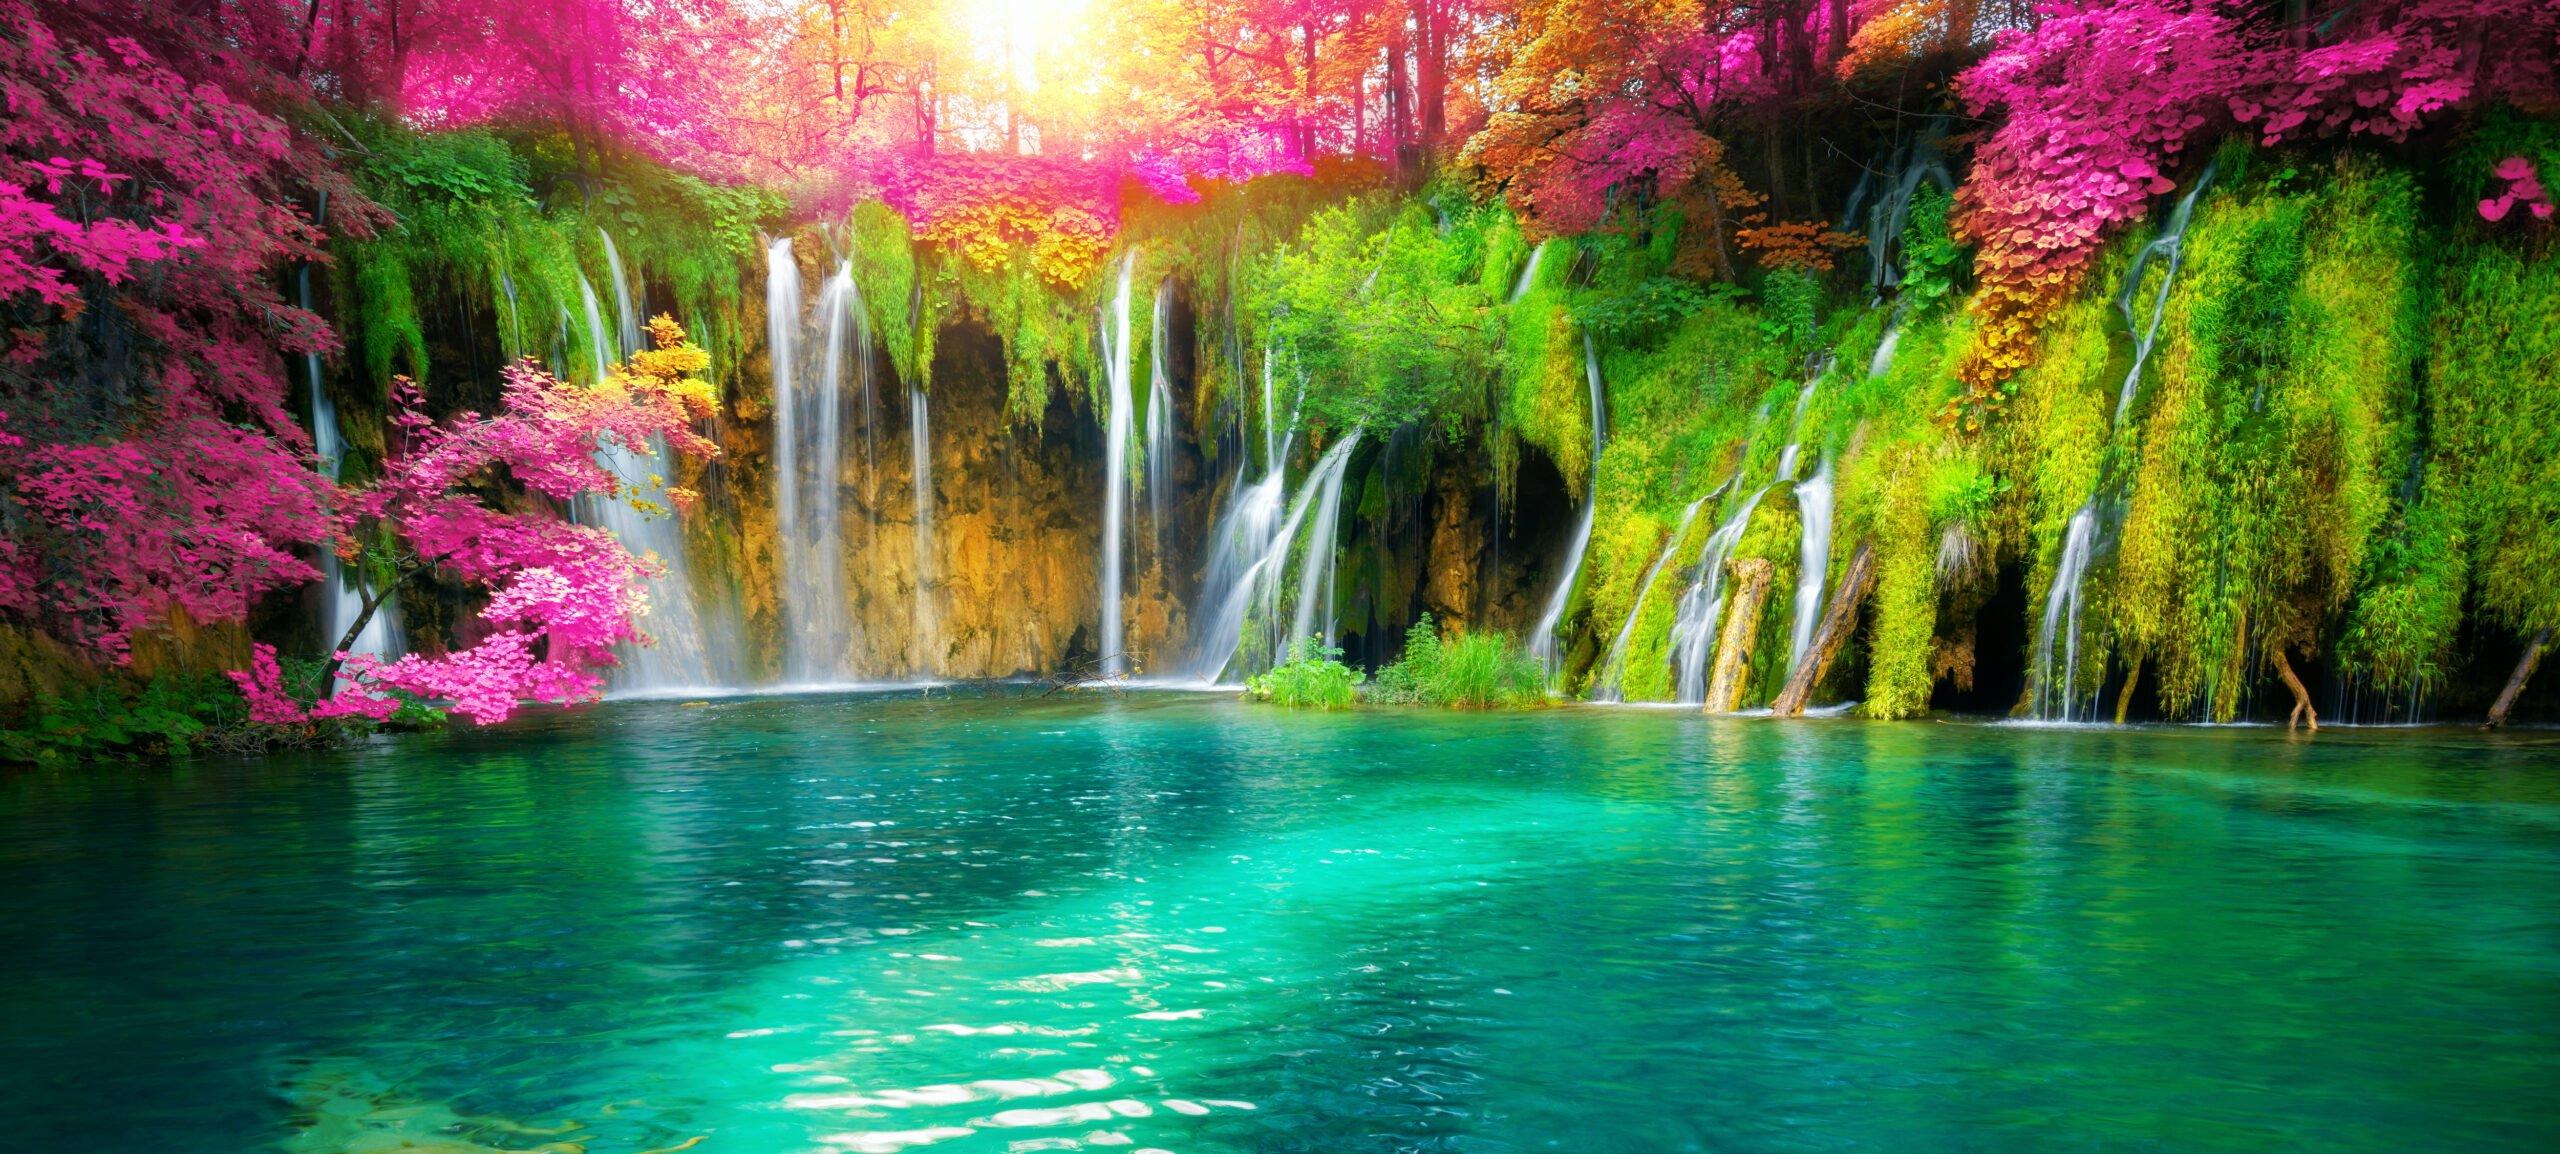 Plitvice Lakes Tour From Split_1